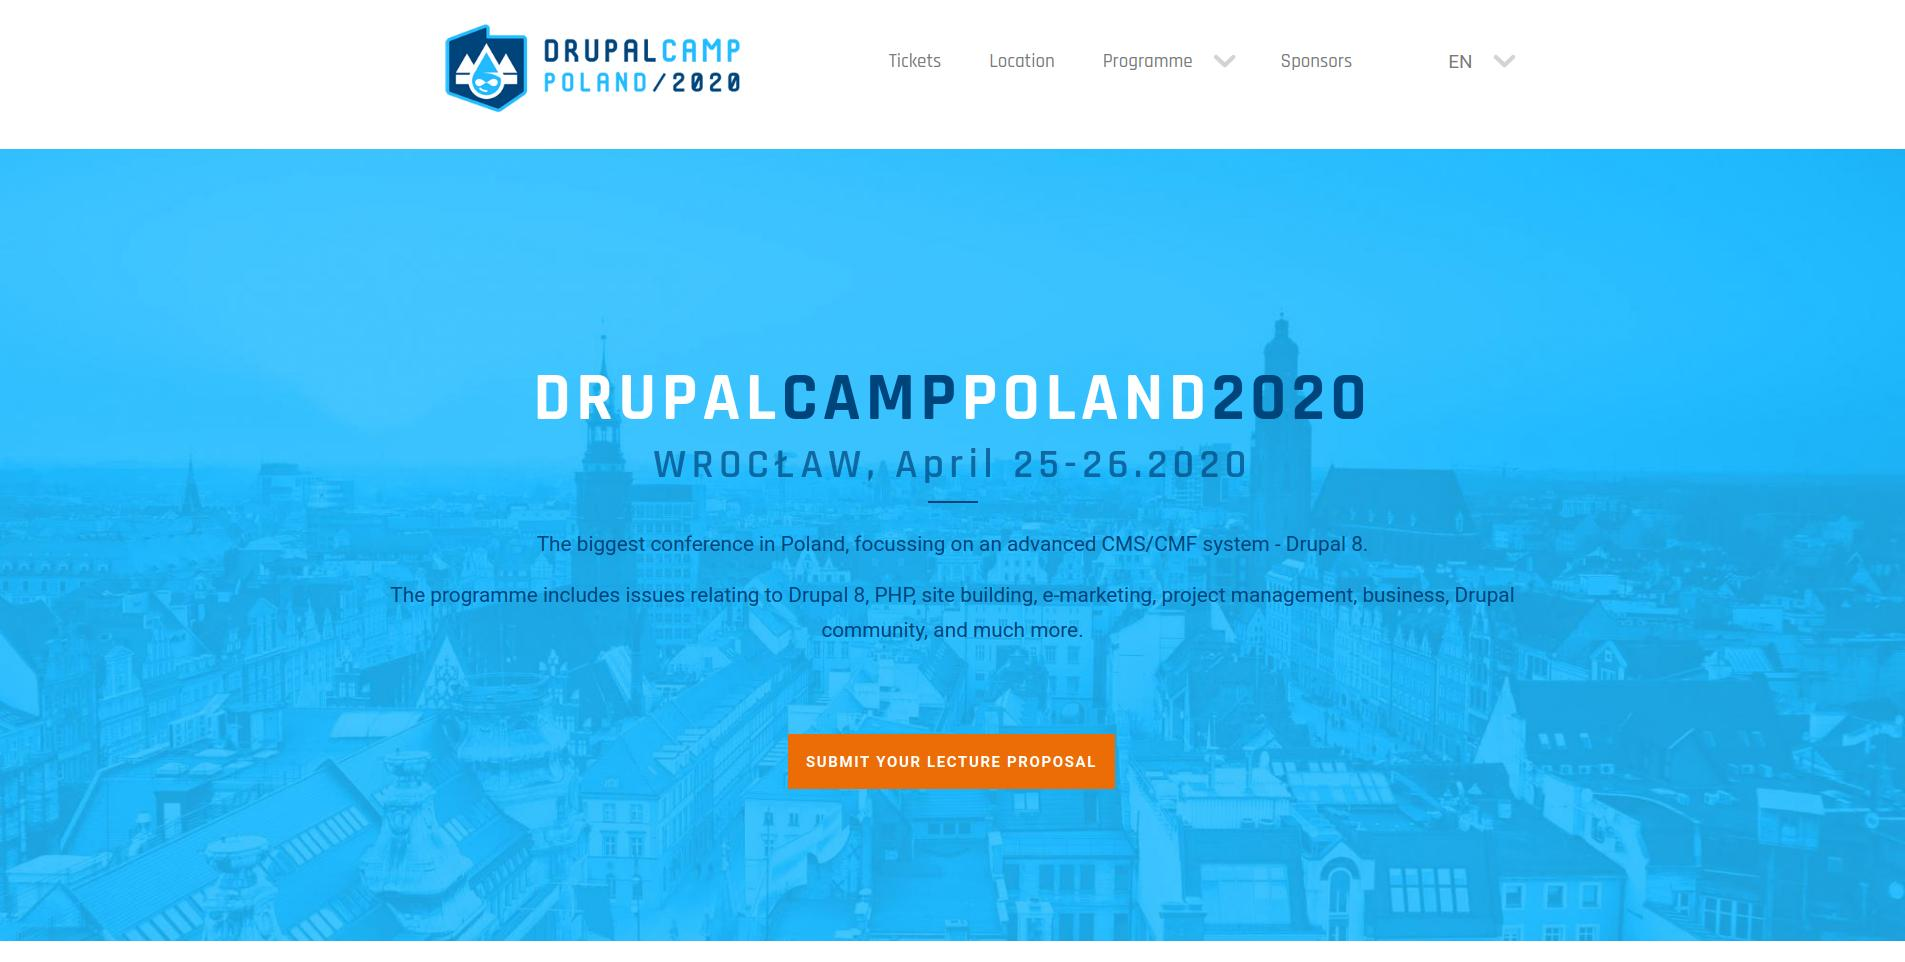 drupal conference 2020